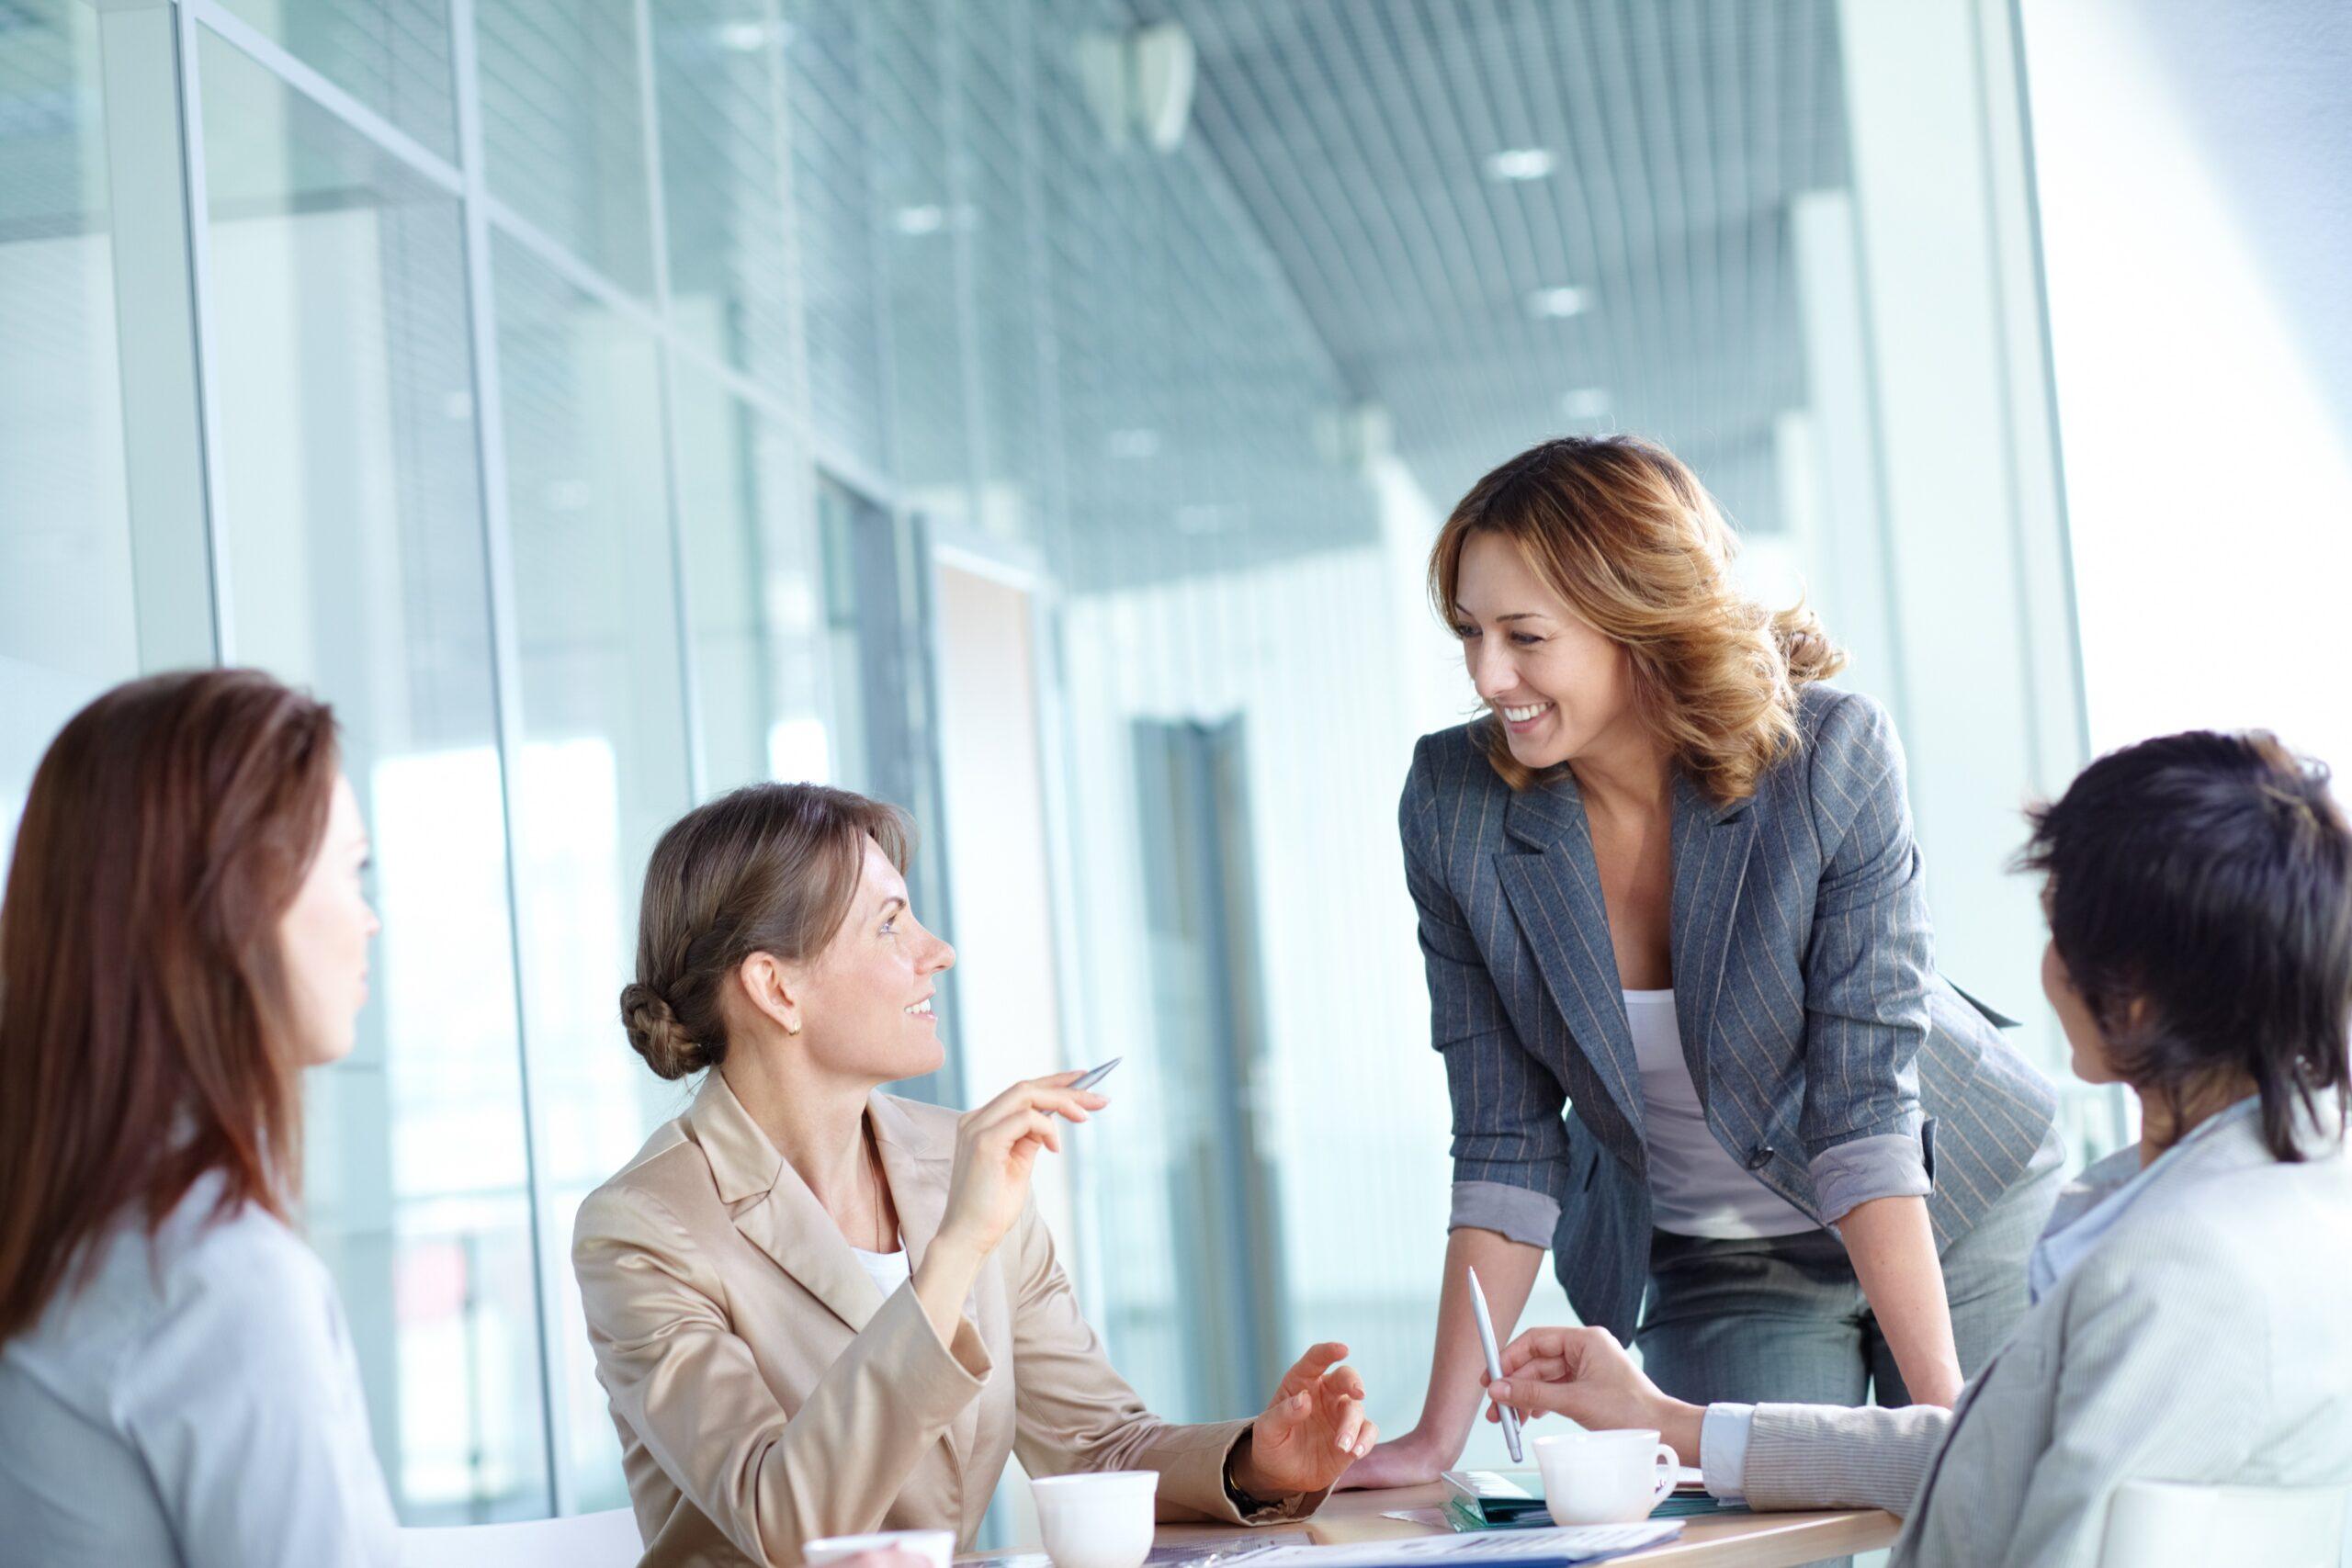 """Proiectul """"Women in Business""""– Promovarea Antreprenoriatului Tinerelor Femei in Regiunea Dunarii"""""""